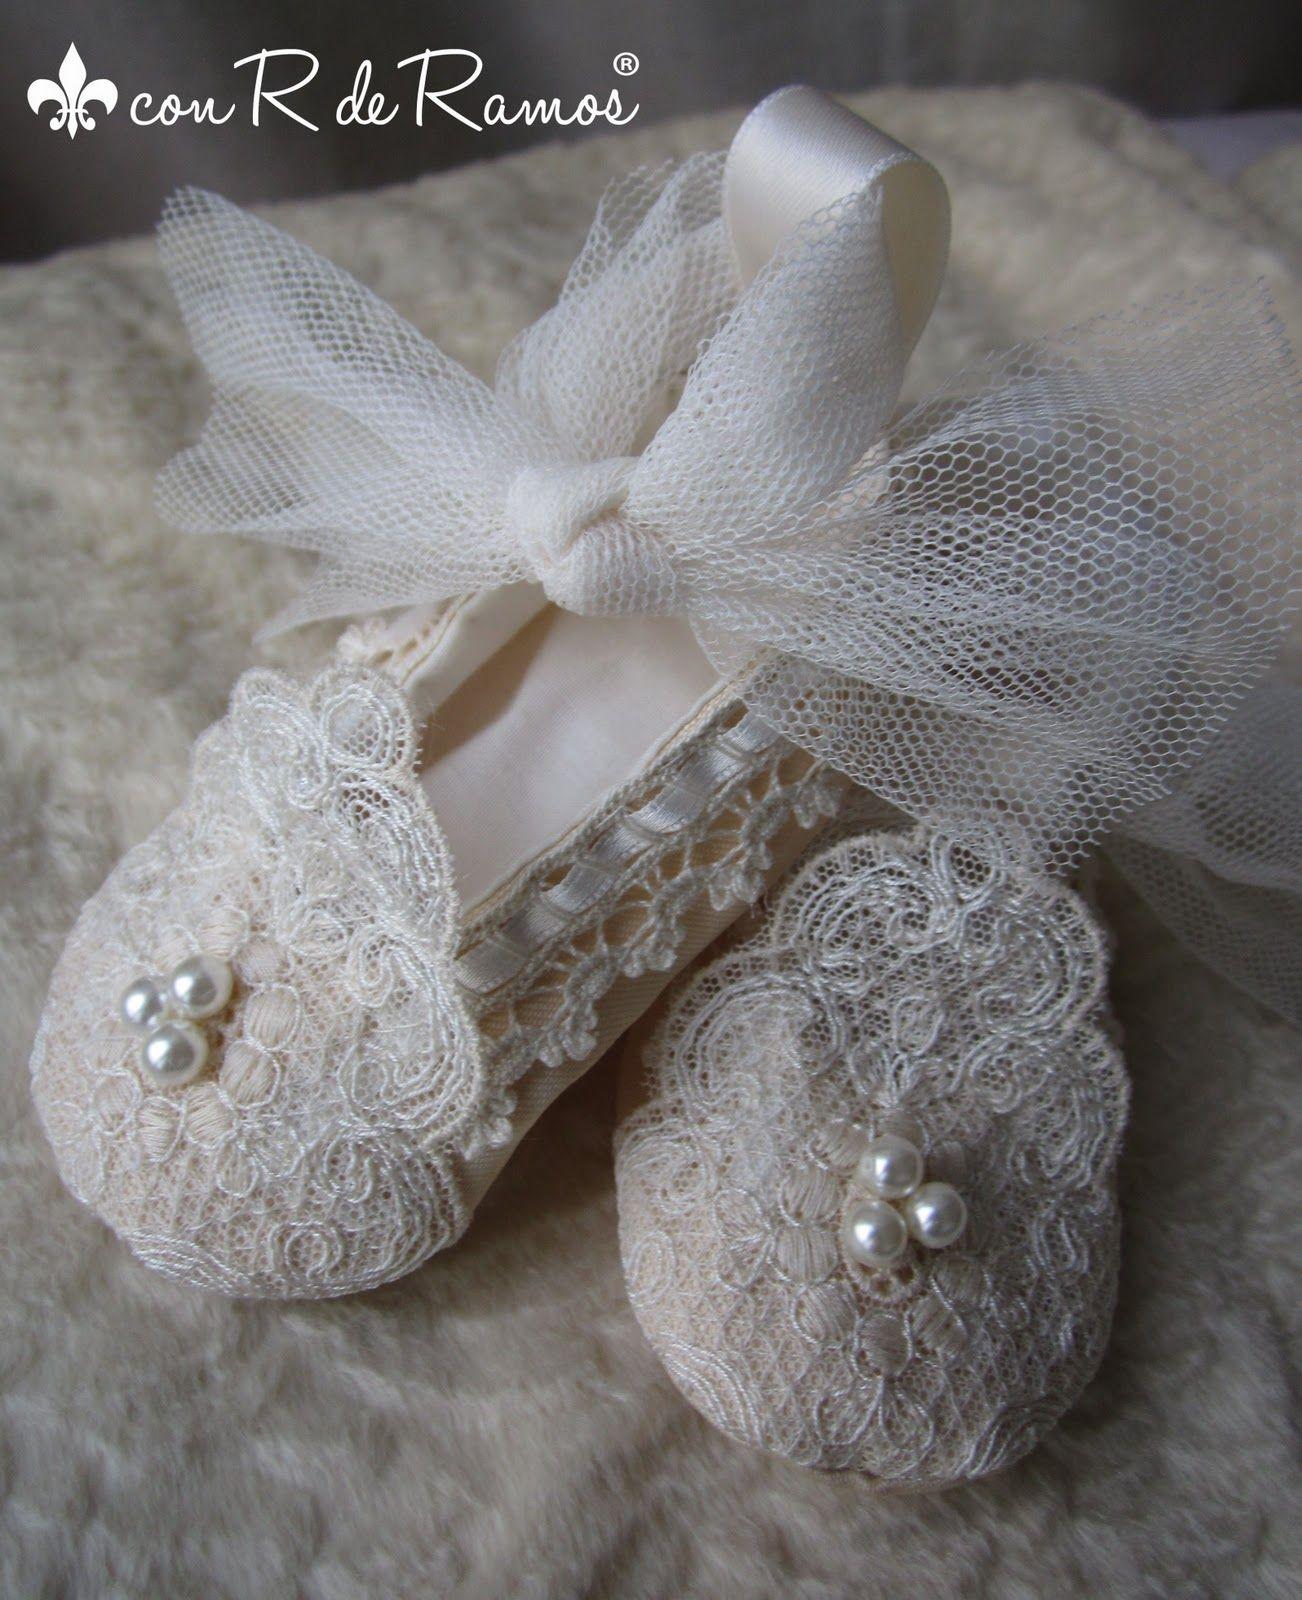 7b19f9416 Zapatos exclusivos para ceremonia, hechos a mano y trajes de gitano con  diseños únicos y